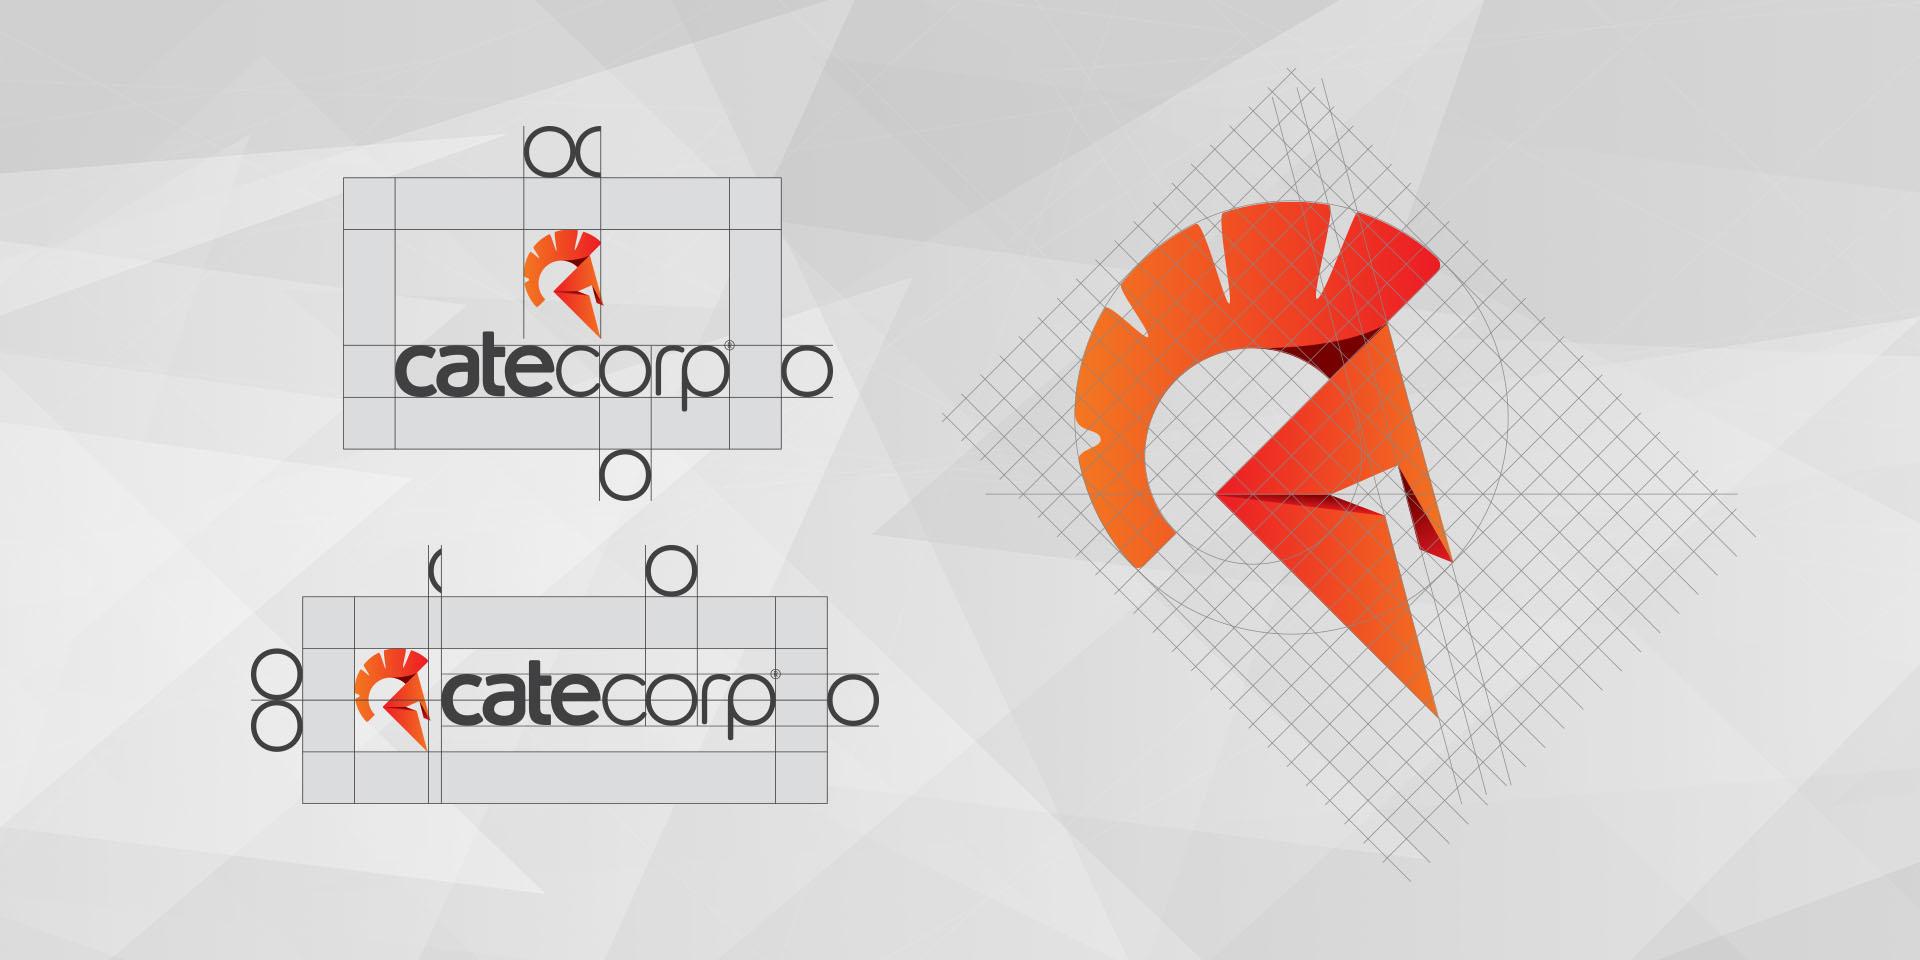 catecorp7